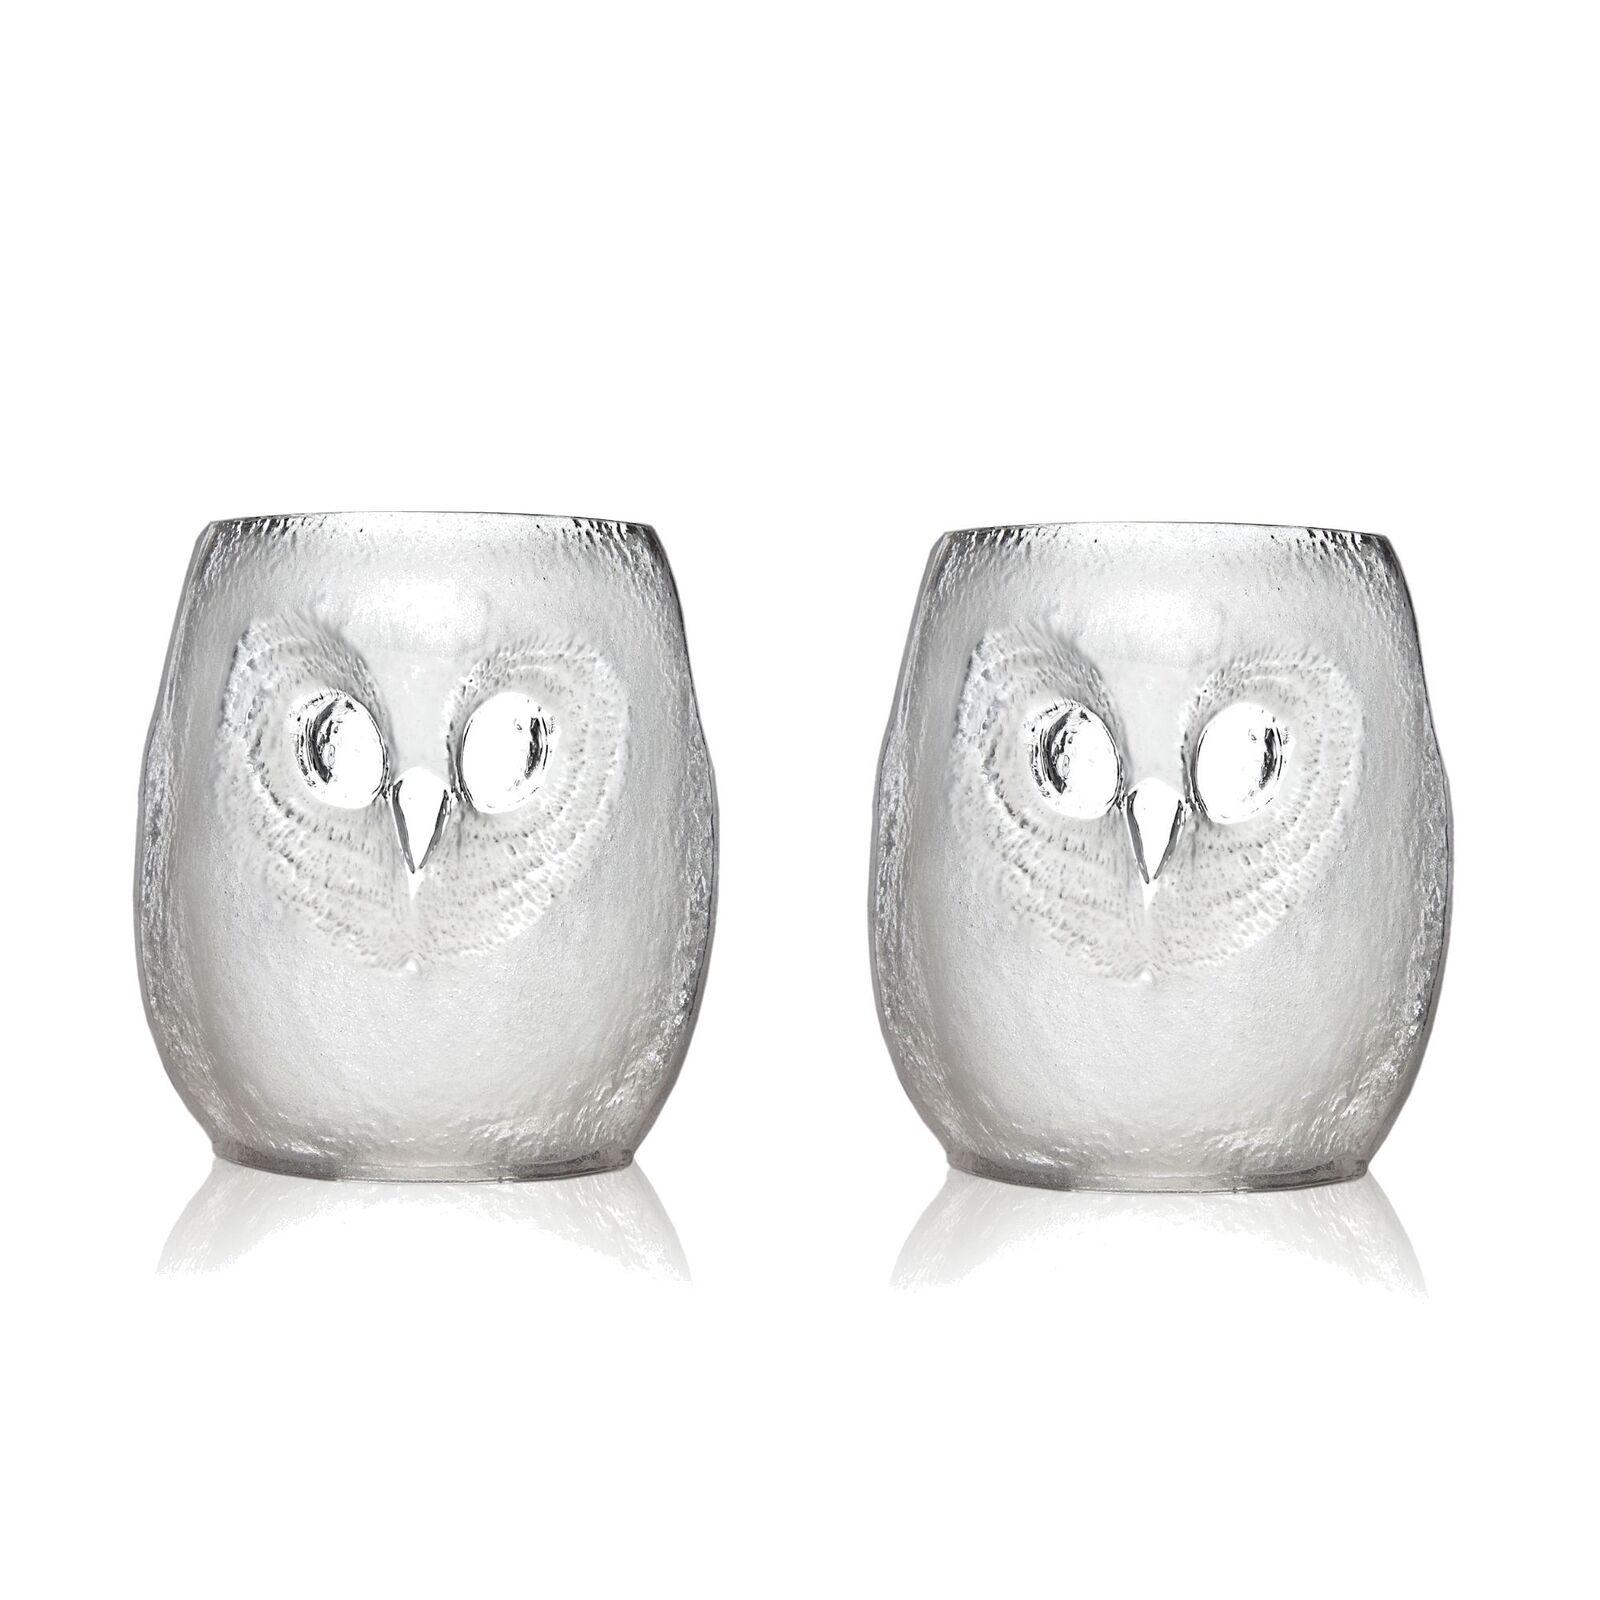 Mats Jonasson Målerås Set of 2 Strix Owl Tumbler Large White - 10cm